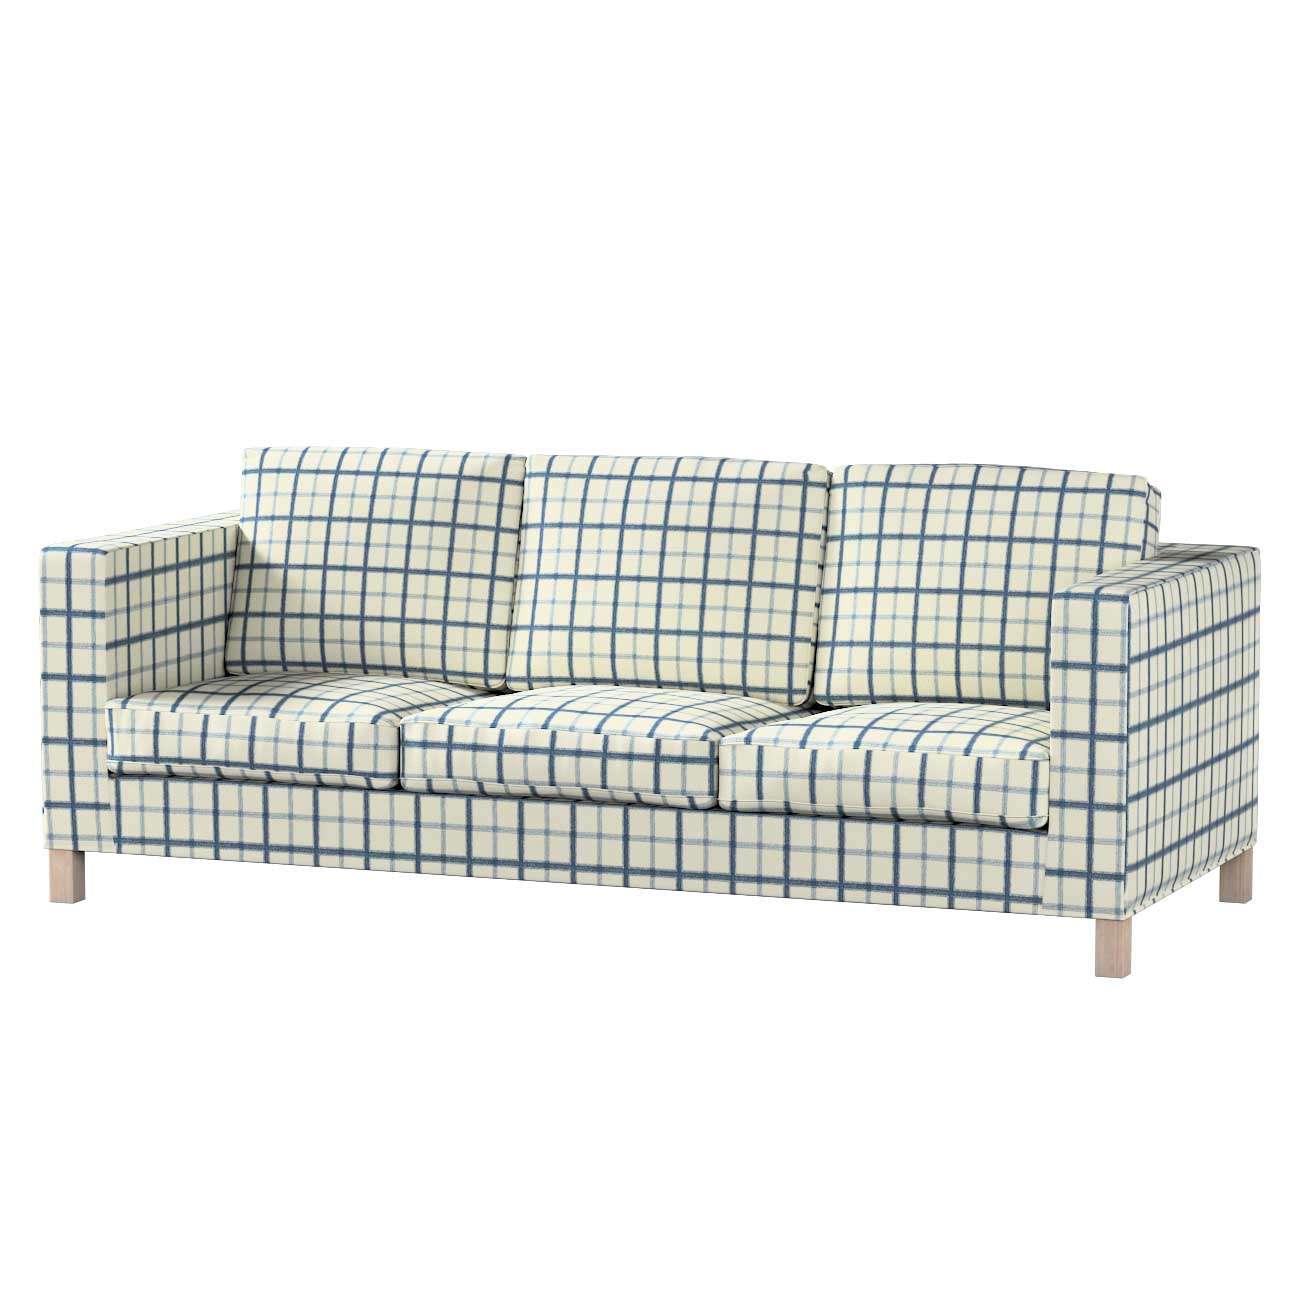 Bezug für Karlanda 3-Sitzer Sofa nicht ausklappbar, kurz von der Kollektion Avinon, Stoff: 131-66